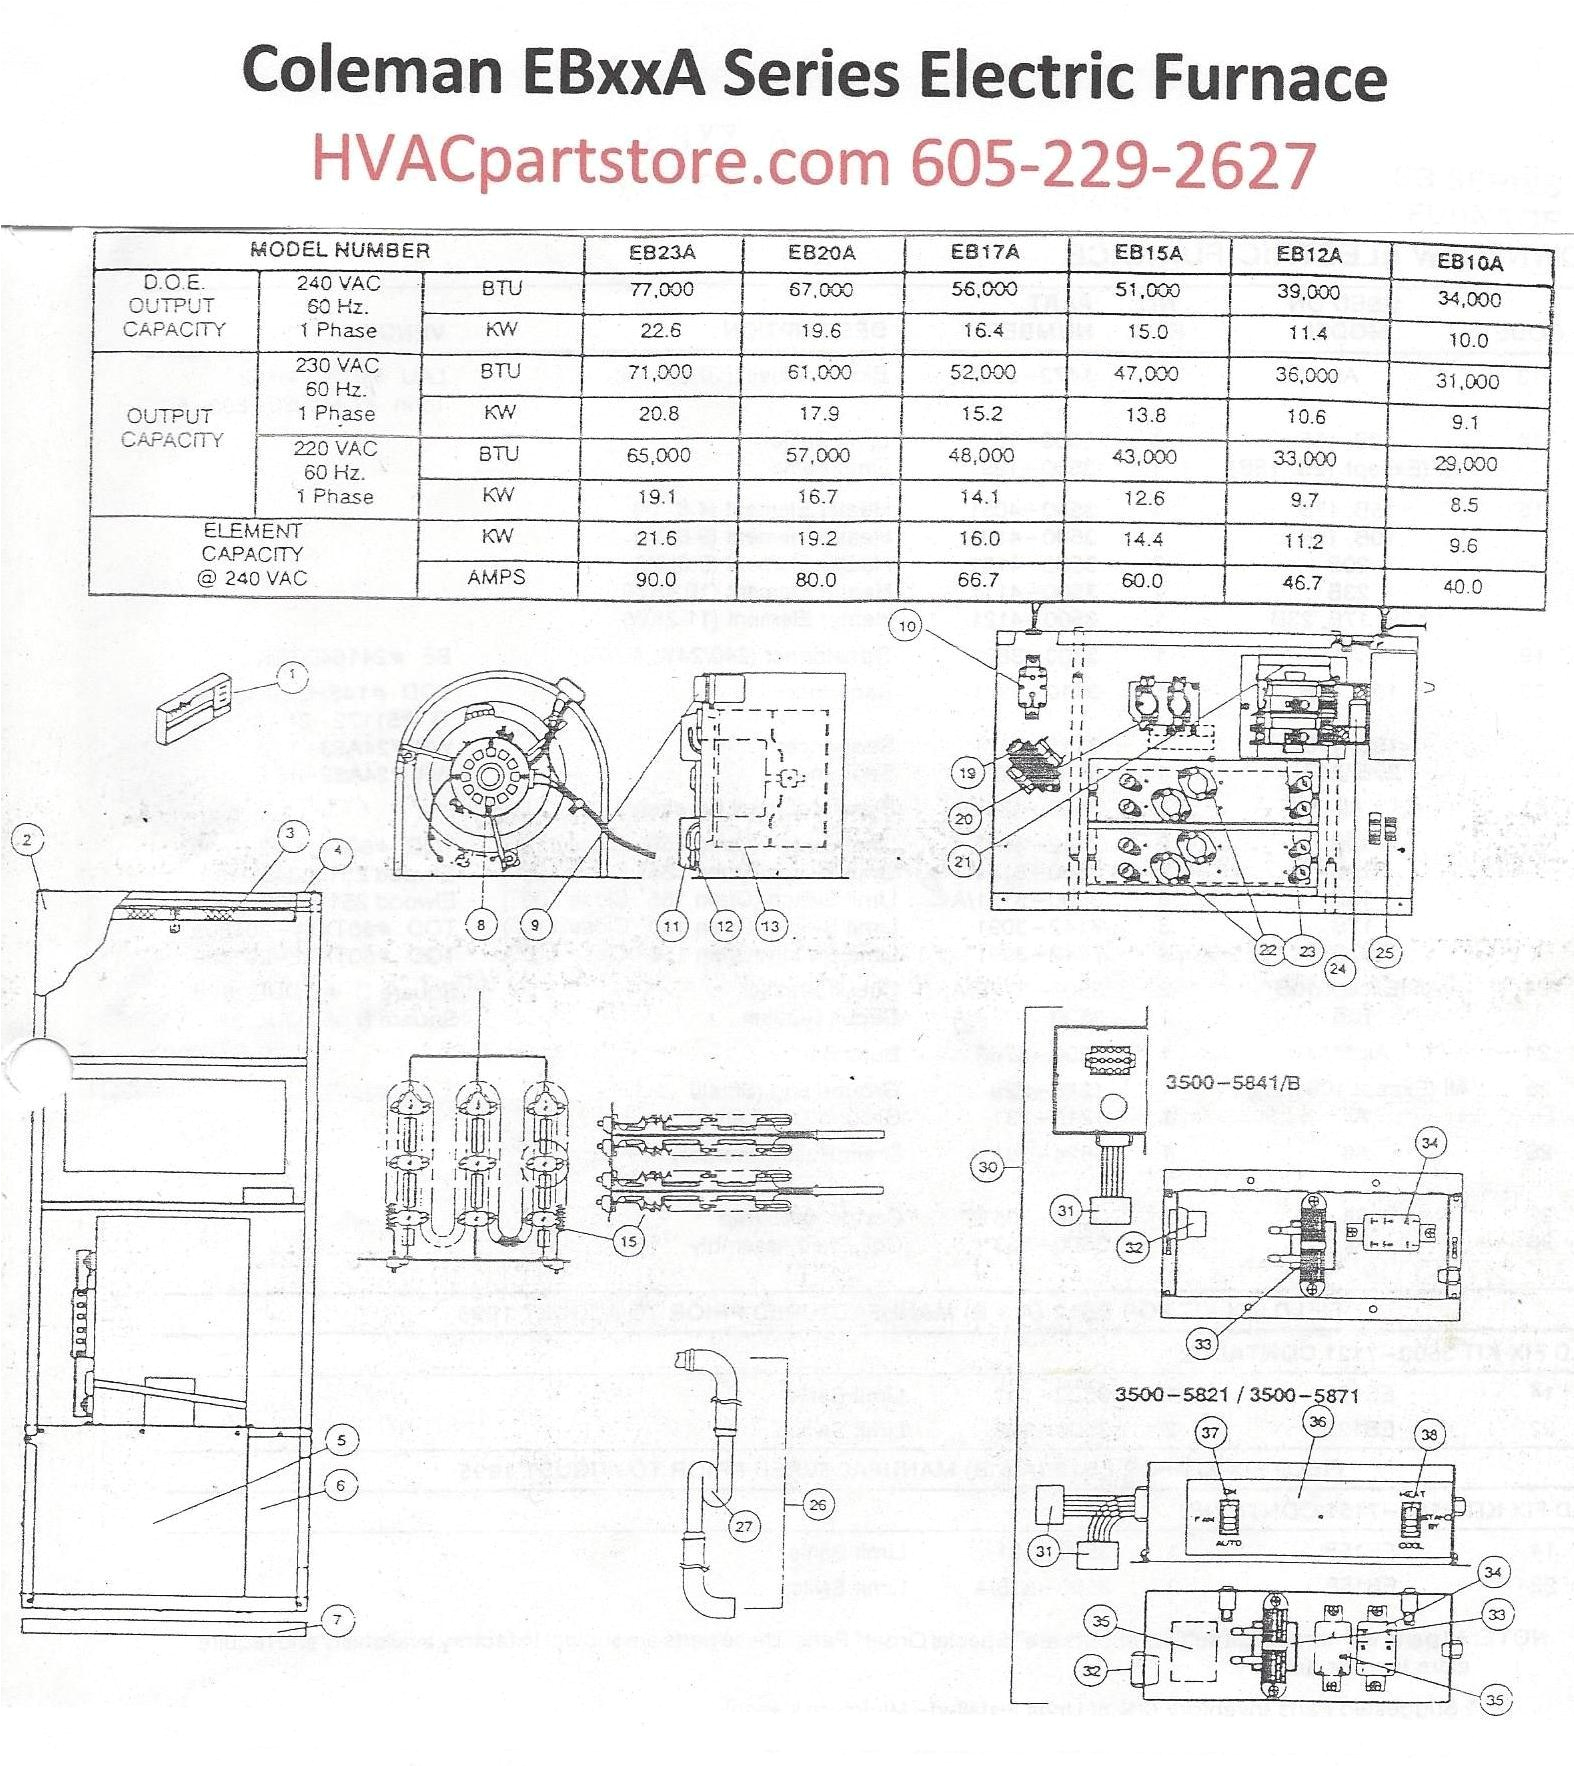 8530a3451 wiring diagram schematic diagram schematic circuit diagram 8530a3451 wiring diagram wiring diagram basic wiring diagram